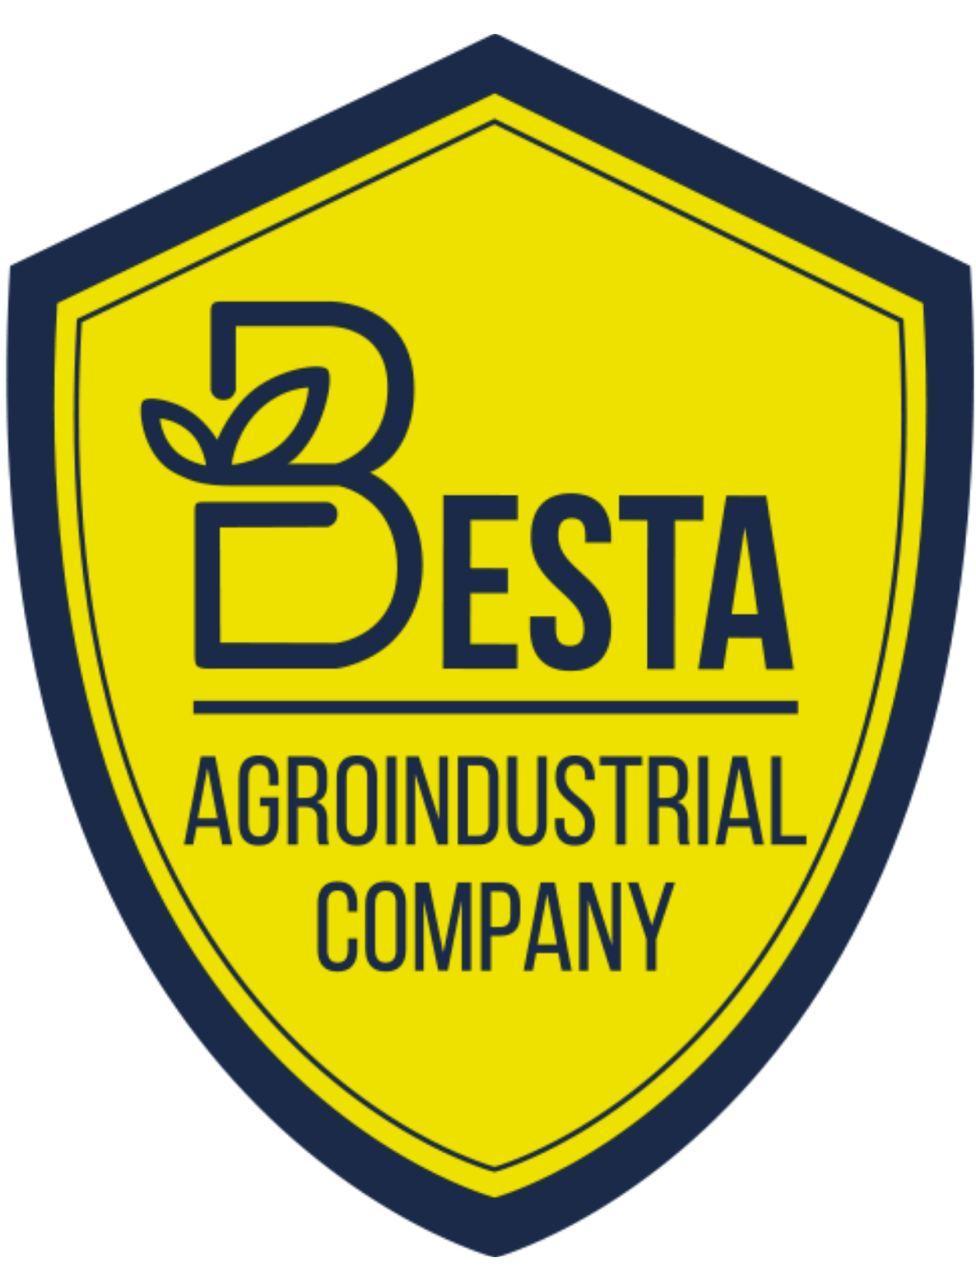 (c) Besta.com.ua